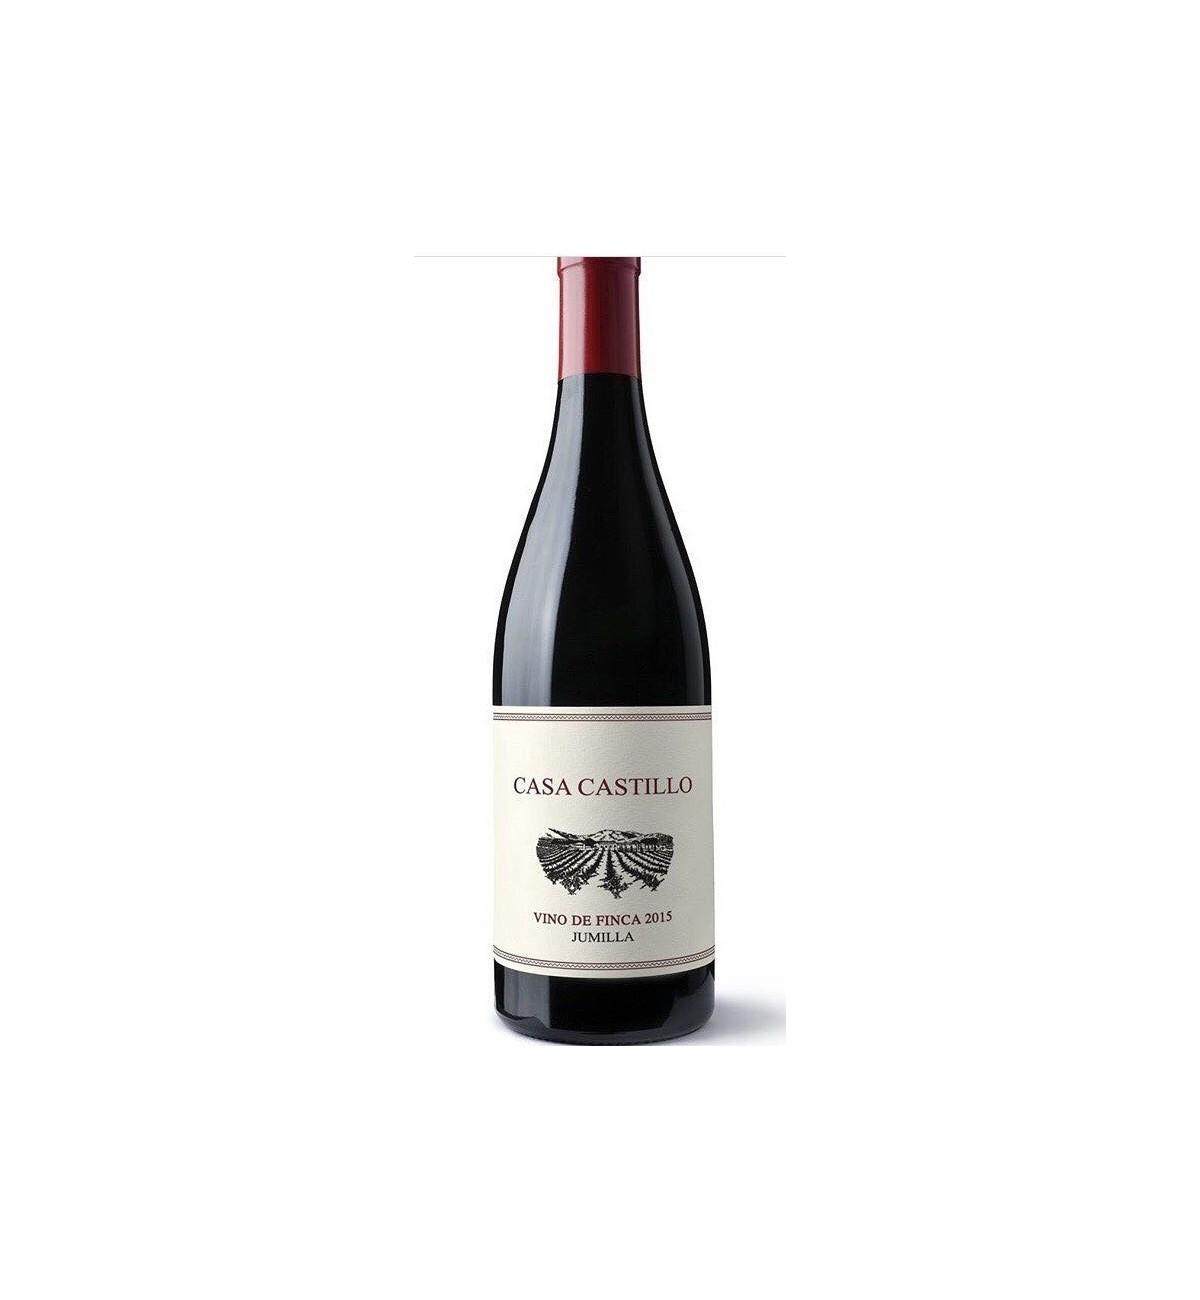 Casa Castillo Vino de Finca 2015 * Vino tinto, Jumilla, Monastrell, Garnacha